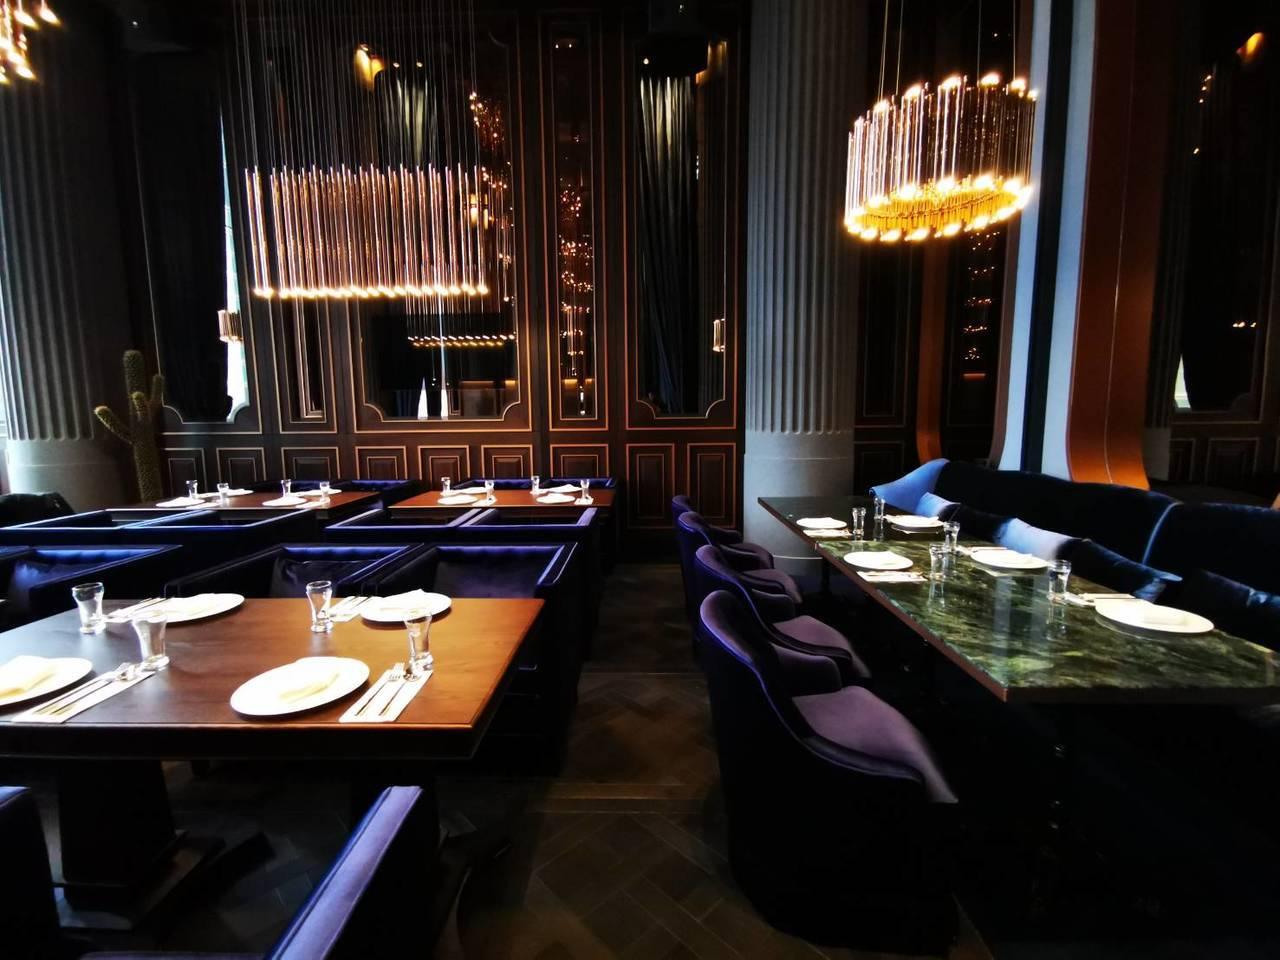 紫色座椅搭配金黃色吊燈,讓UMAMI室內設計風格更顯低調奢華。韓化宇/攝影